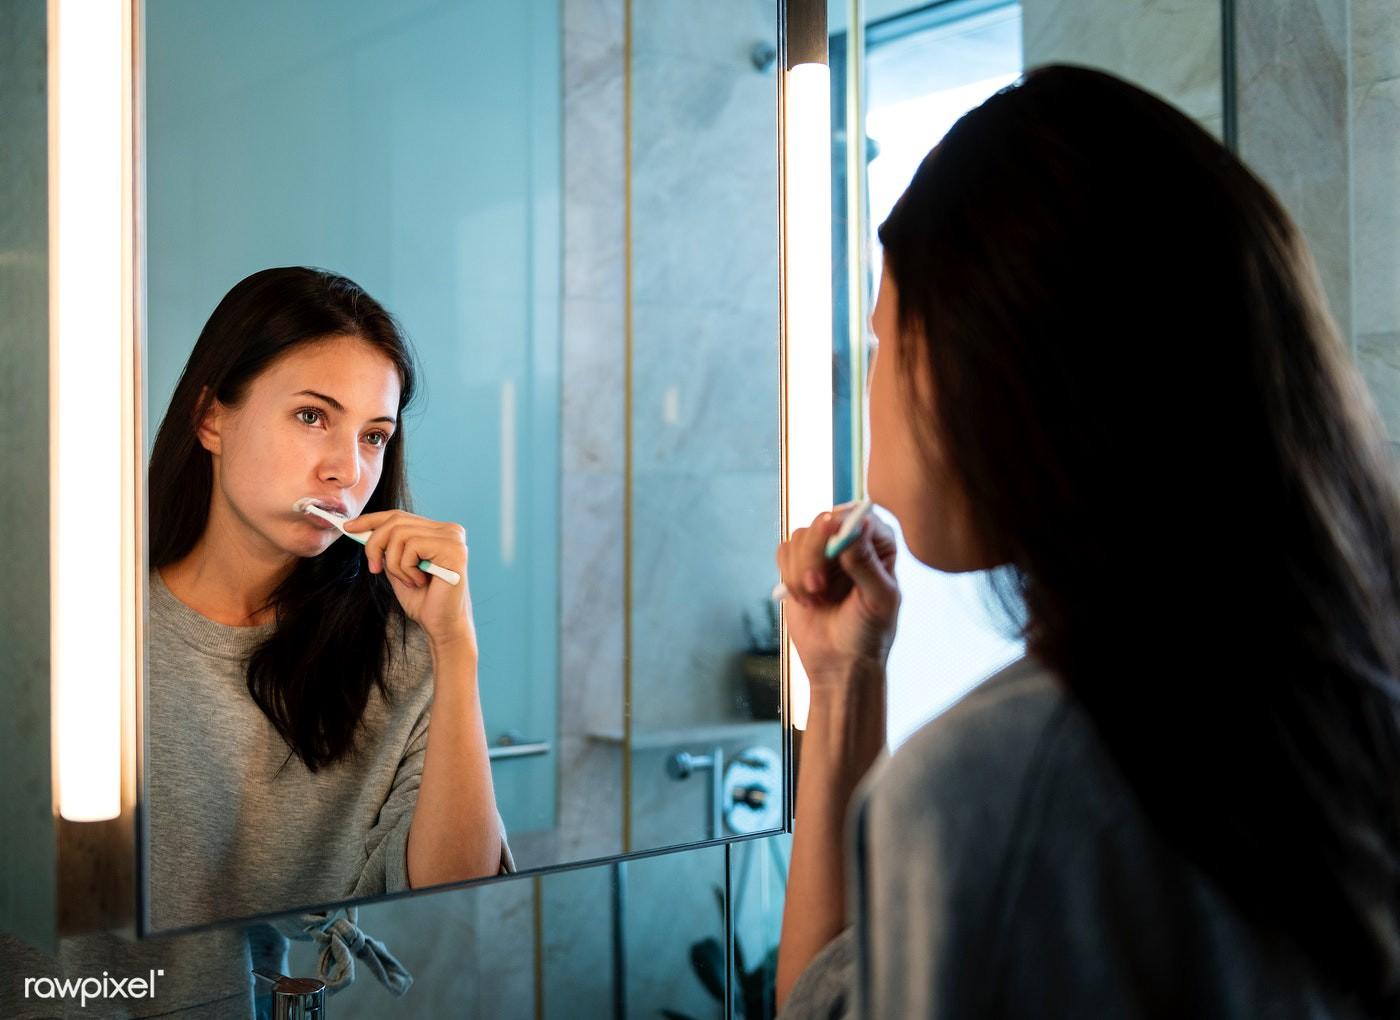 Βραδινή ρουτίνα ομορφιάς: Χρειάζεσαι μόλις 5 λεπτά για να μην αφήσεις το δέρμα σου στην τύχη του